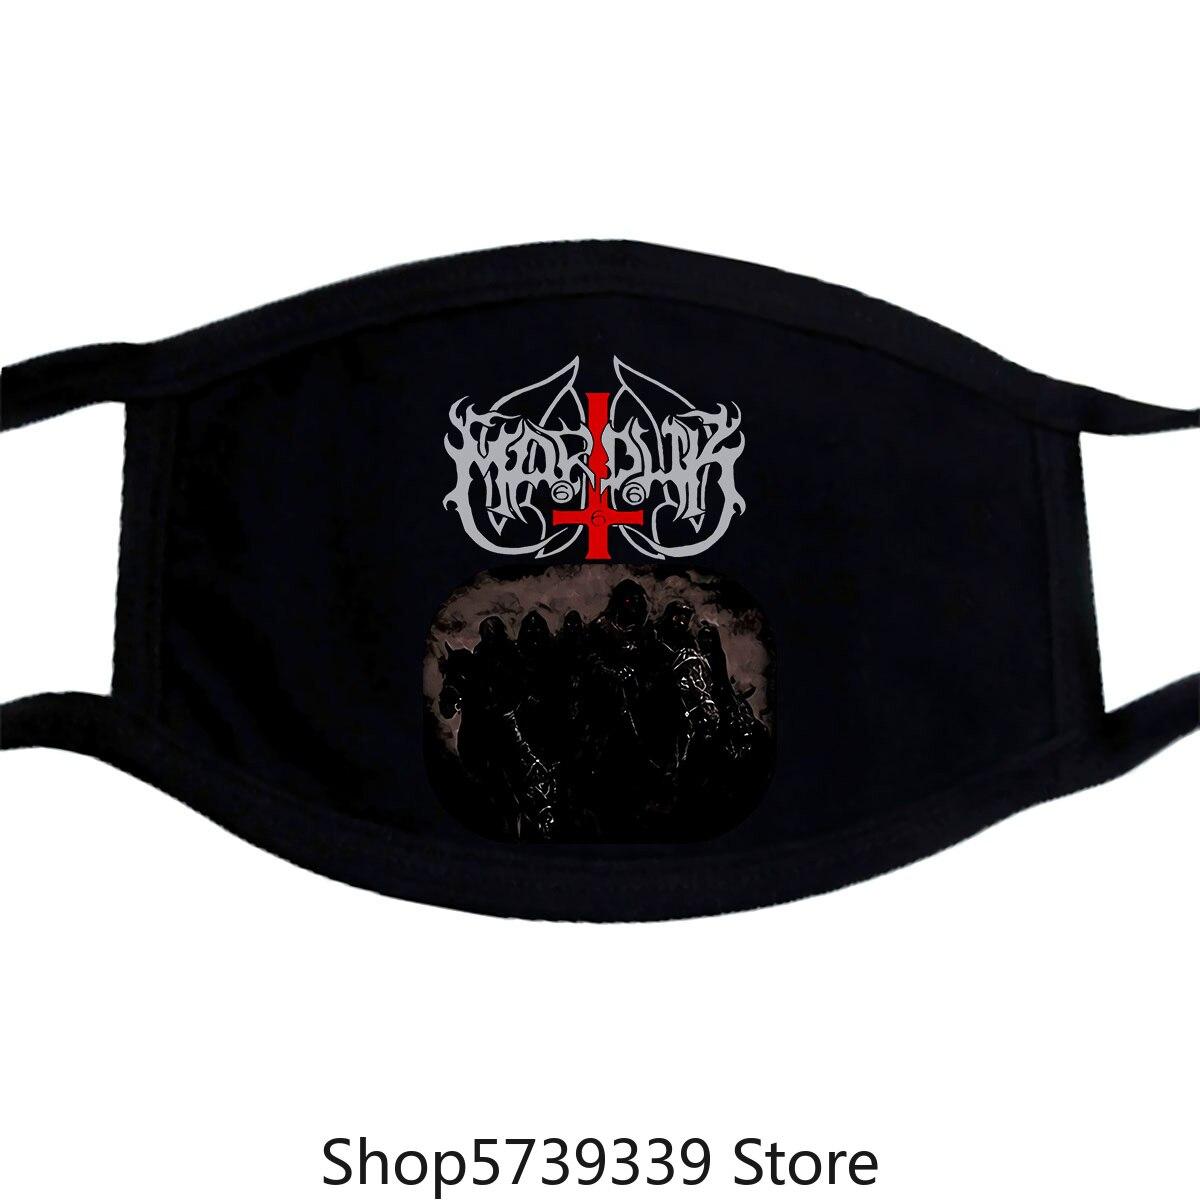 Marduk Those Of The Unlight Mask-New Washable Reusable Mask For Unisex Black